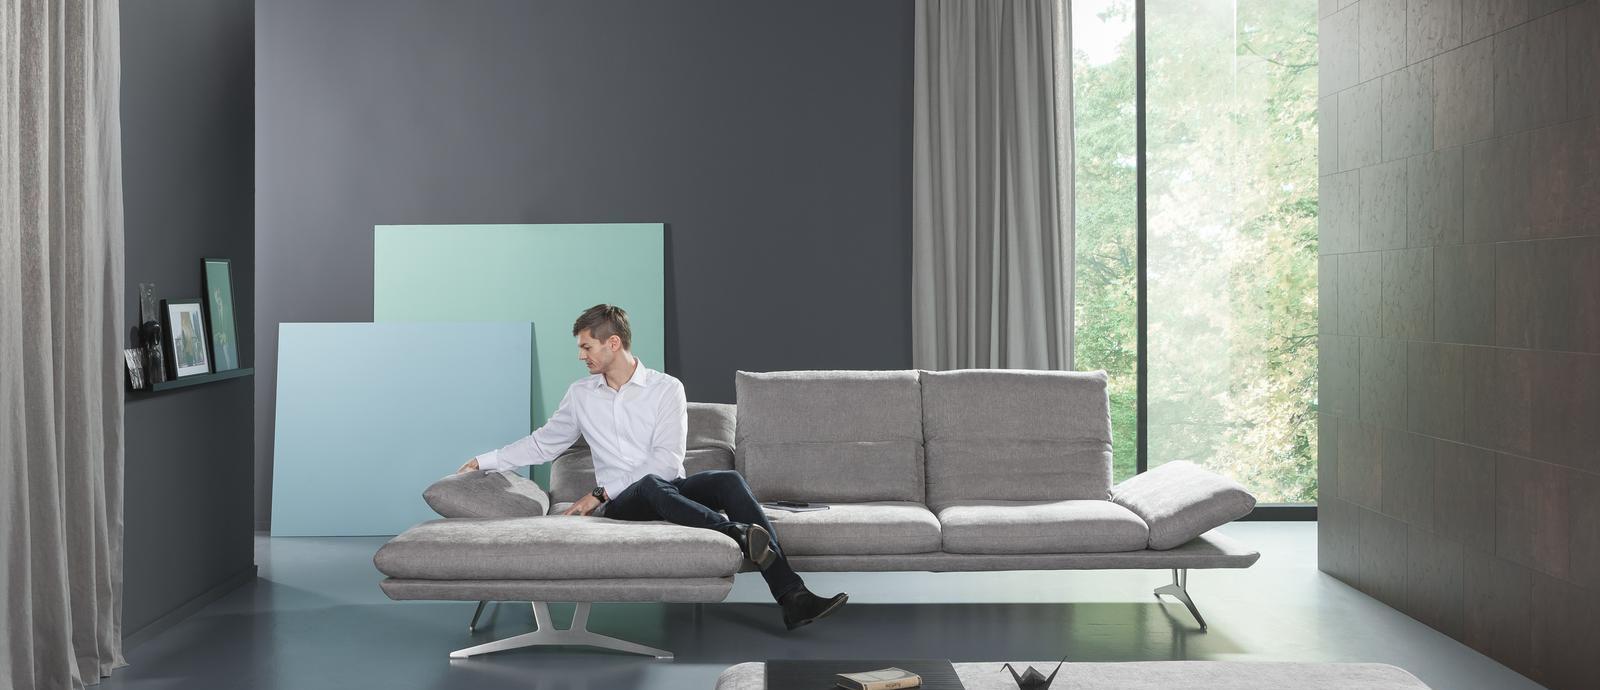 Full Size of Koinor Couch Outlet Sofa Leder Pflege Gebraucht Francis Erfahrungen Grau Finlay Mbel Fischer Auf Raten Big Xxl Kaufen Günstig Bullfrog Polster Reinigen Sofa Koinor Sofa